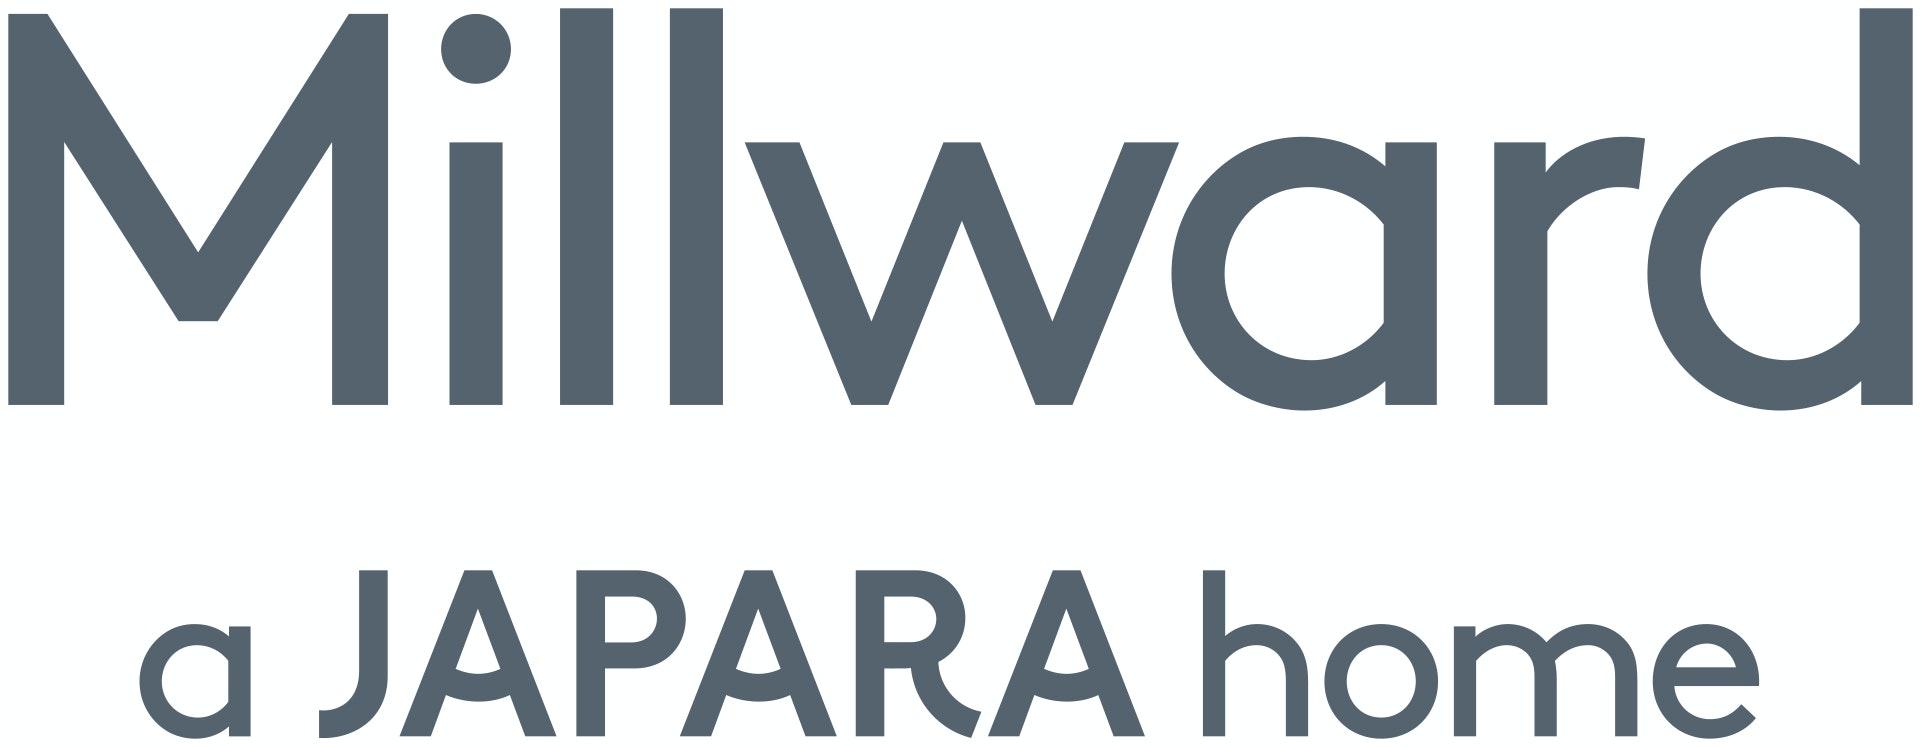 Millward logo